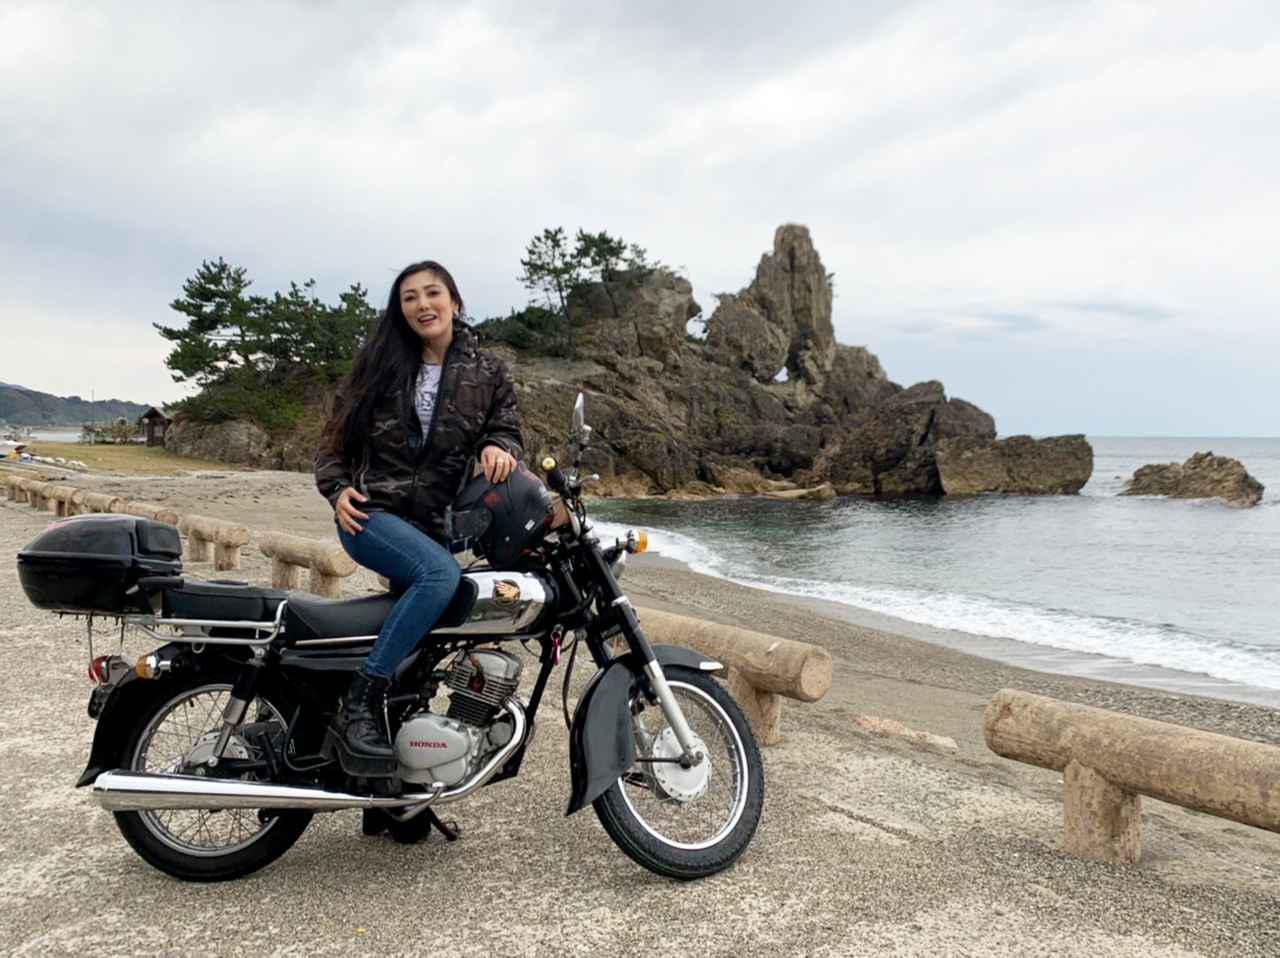 画像: 能登半島・輪島周辺ツーリング おすすめのスポットも紹介|福山理子「SSTR2020」の思い出 - webオートバイ